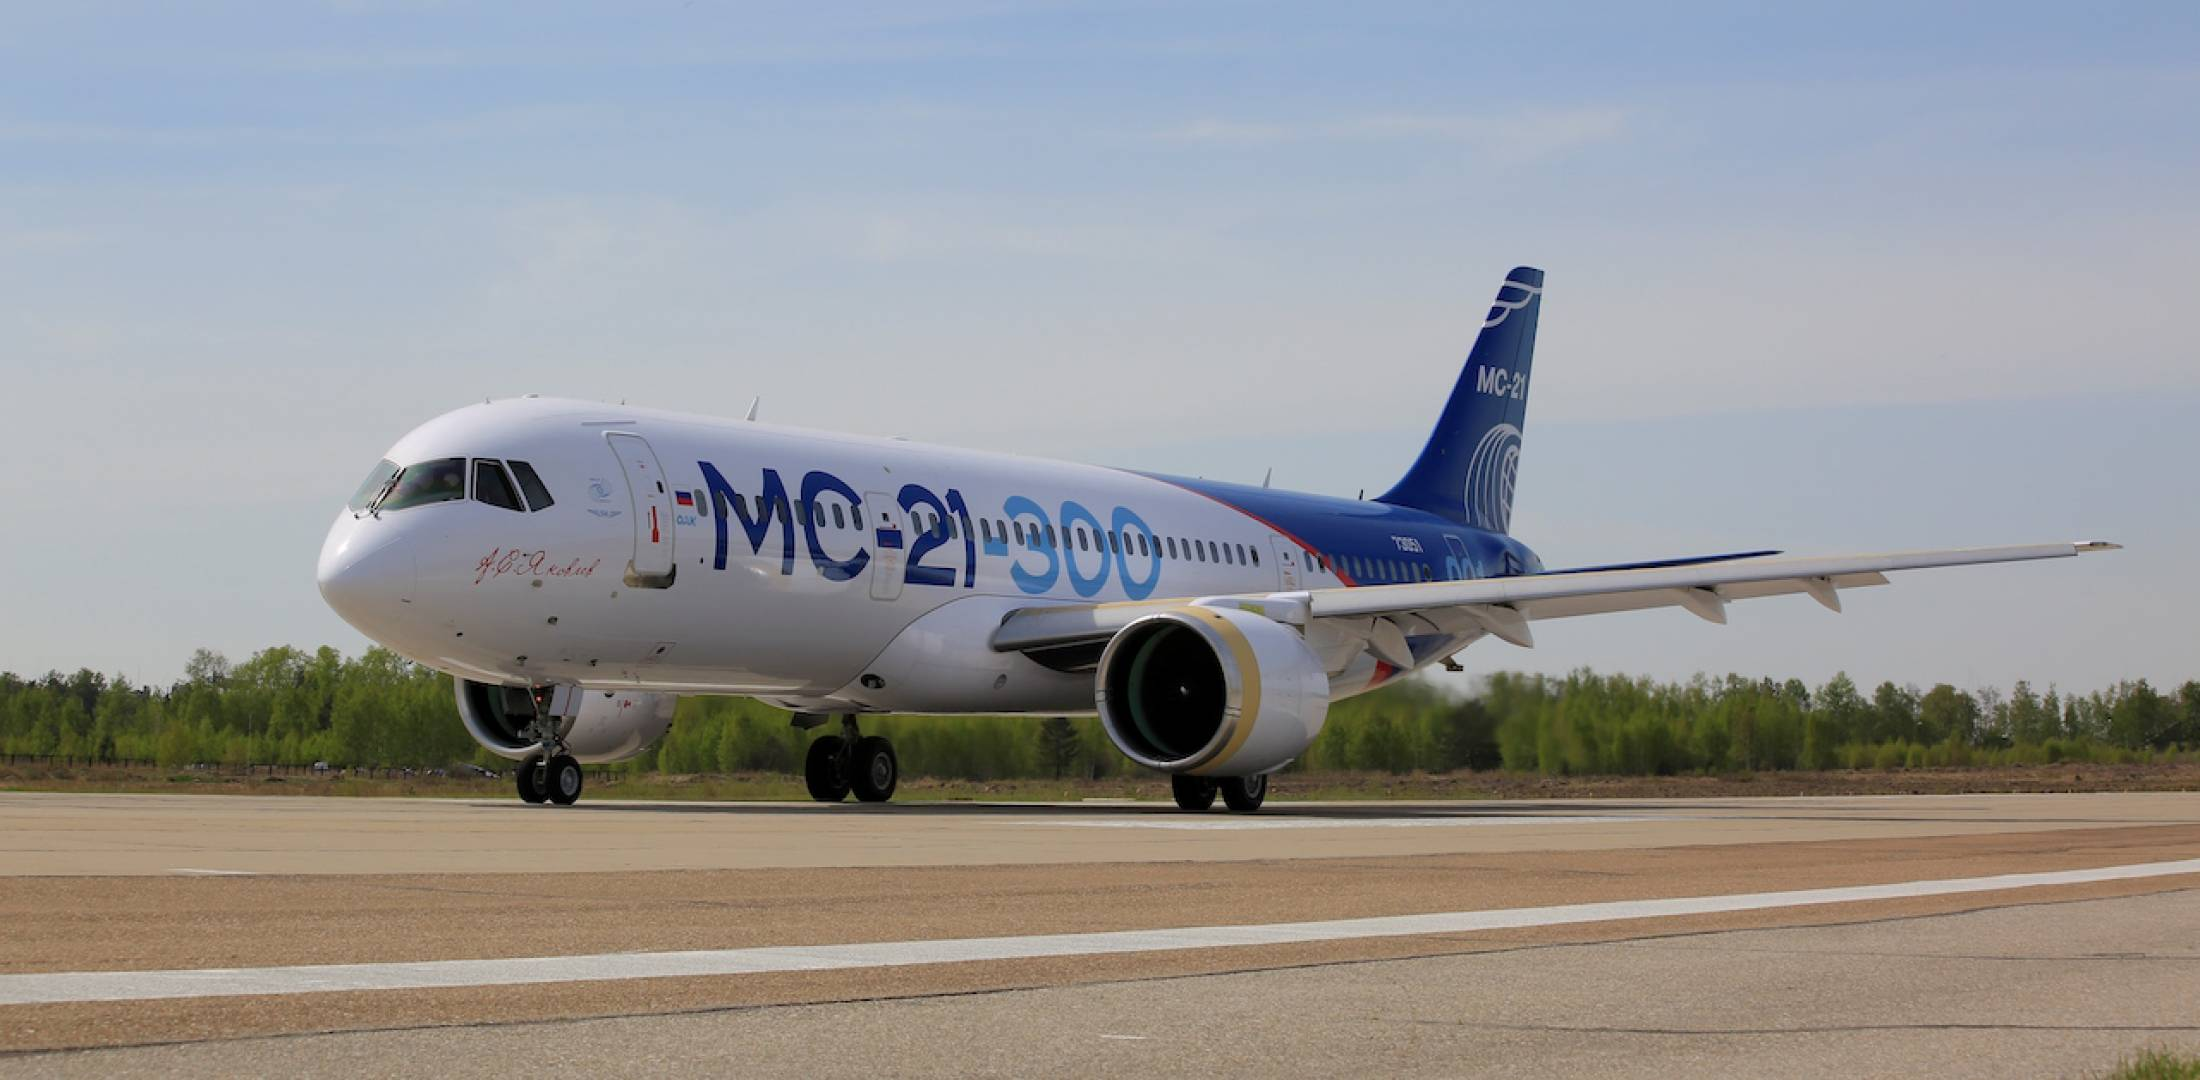 MC21-300 på testflyvning. Foto: Irkut.